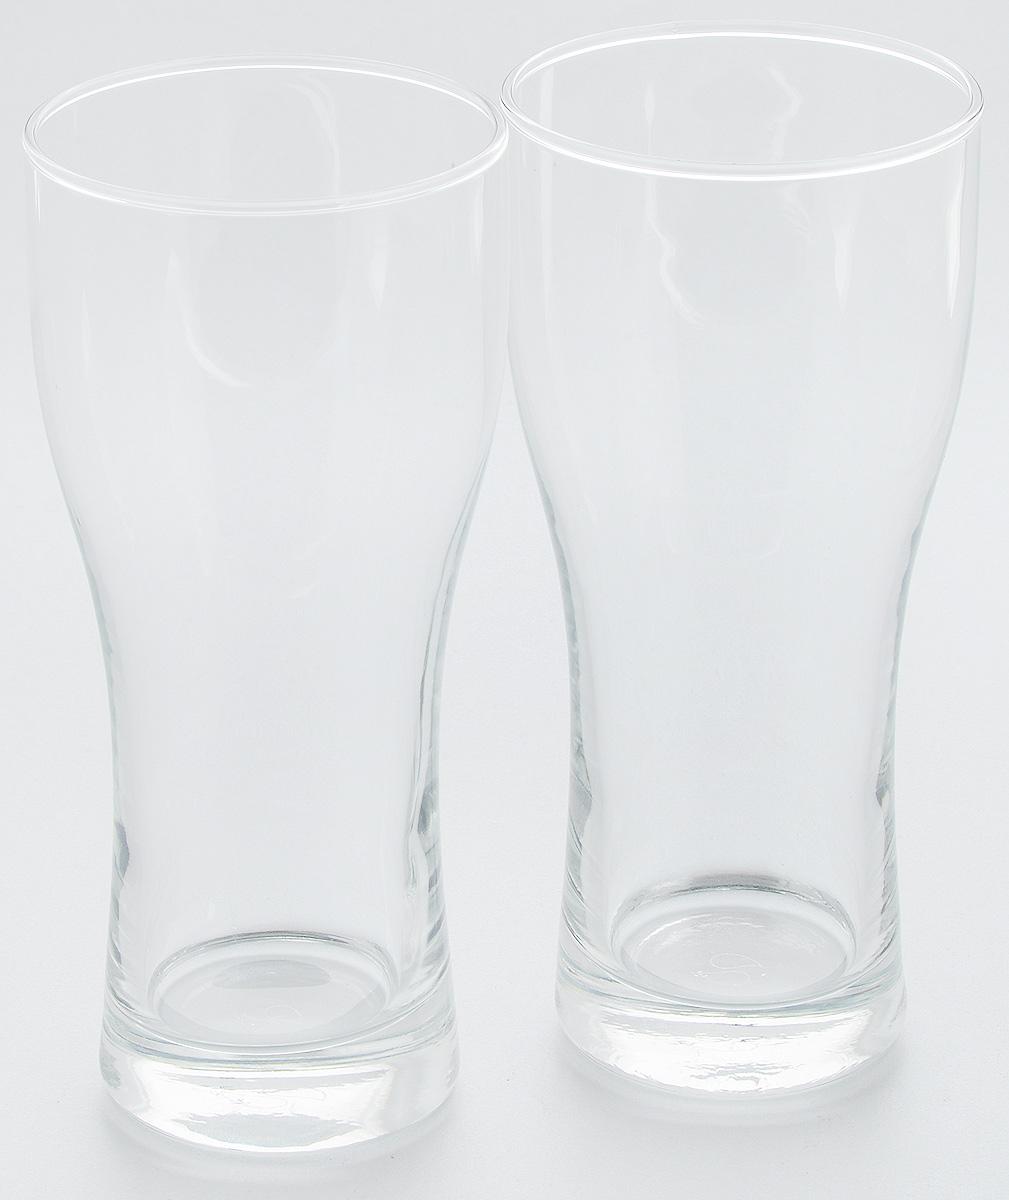 Набор бокалов для пива Pasabahce Pub, 500 мл, 2 шт42477BНабор Pasabahce Pub состоит из двух бокалов, выполненных из прочного натрий-кальций-силикатного стекла. Бокалы, оснащенные утолщенным дном, предназначены для подачи пива. Такой набор прекрасно подойдет для любителей пенного напитка. Высота бокала: 19 см.